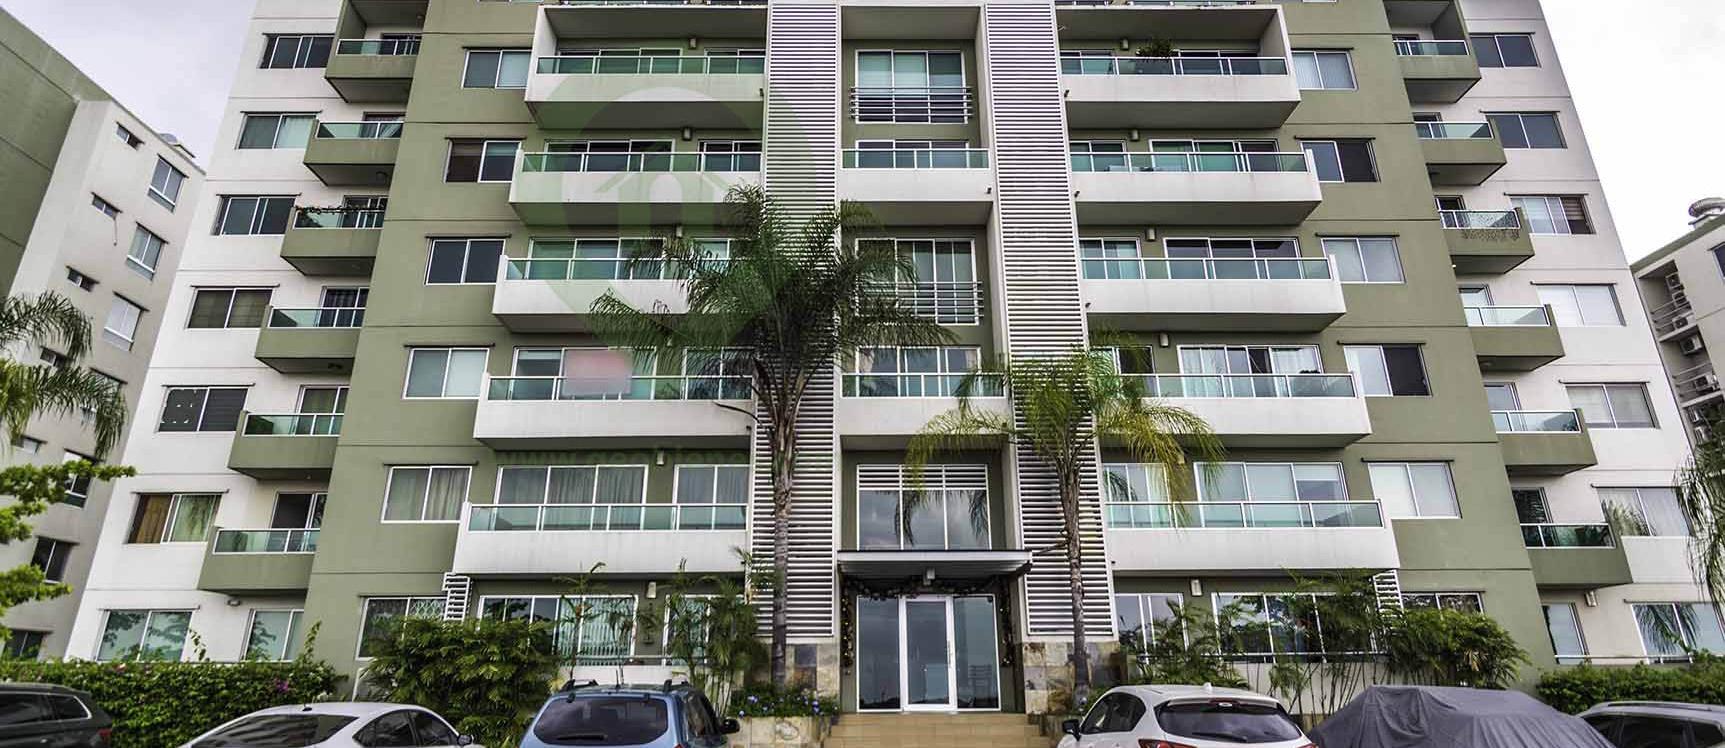 GeoBienes - Departamento en Venta en Edificio La Vista Towers Norte de Guayaquil - Plusvalia Guayaquil Casas de venta y alquiler Inmobiliaria Ecuador